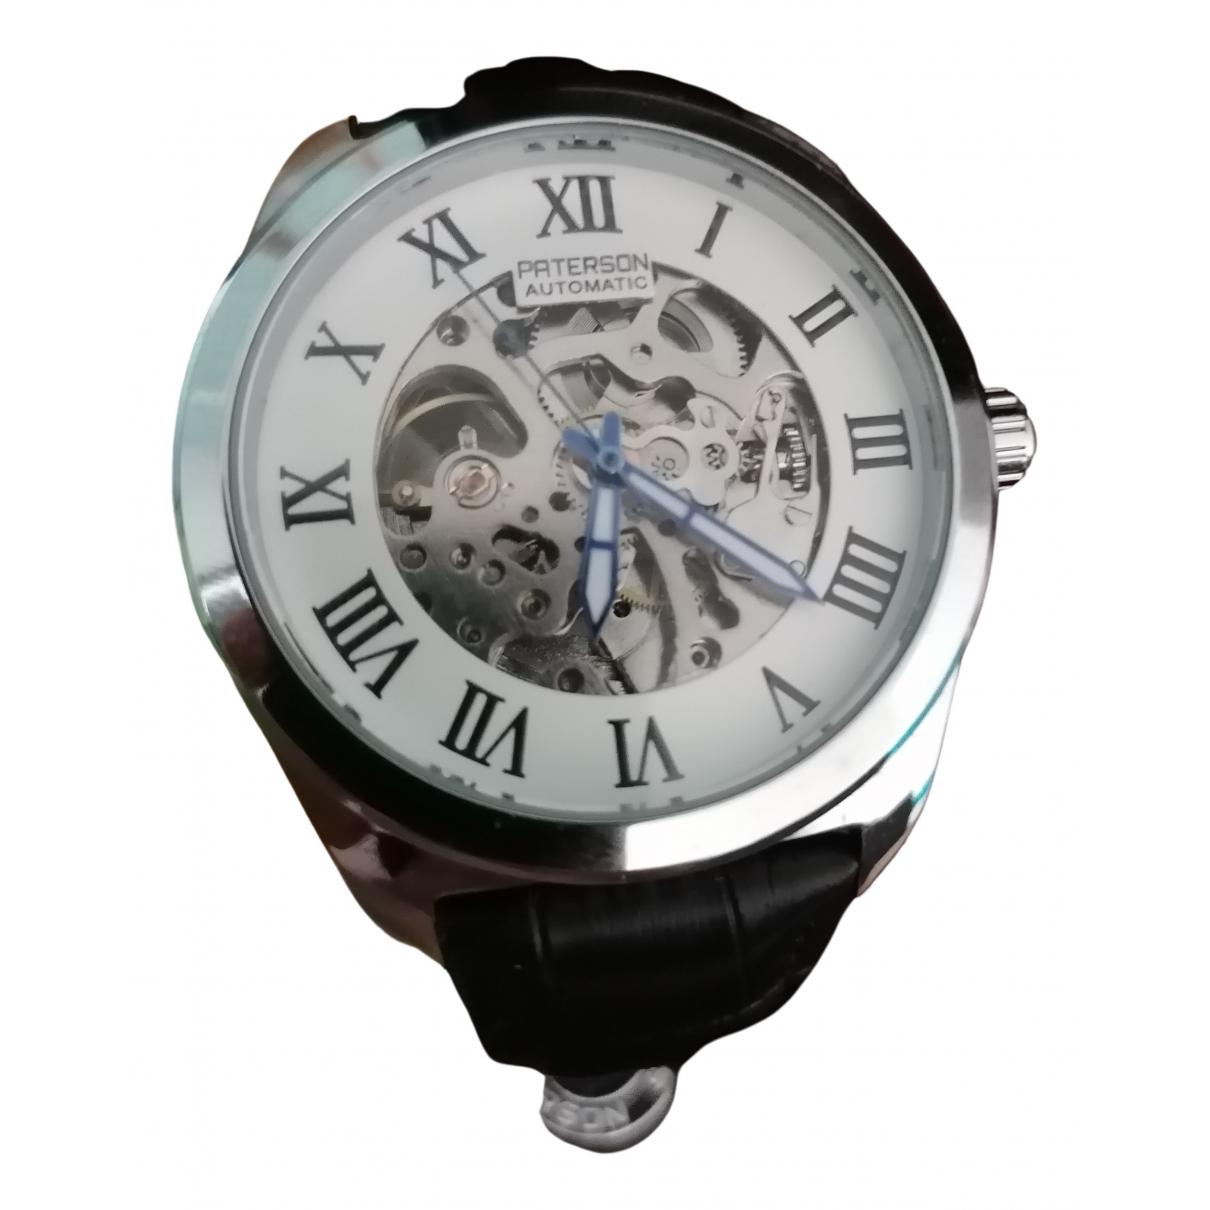 Paterson \N Uhr in  Schwarz Stahl